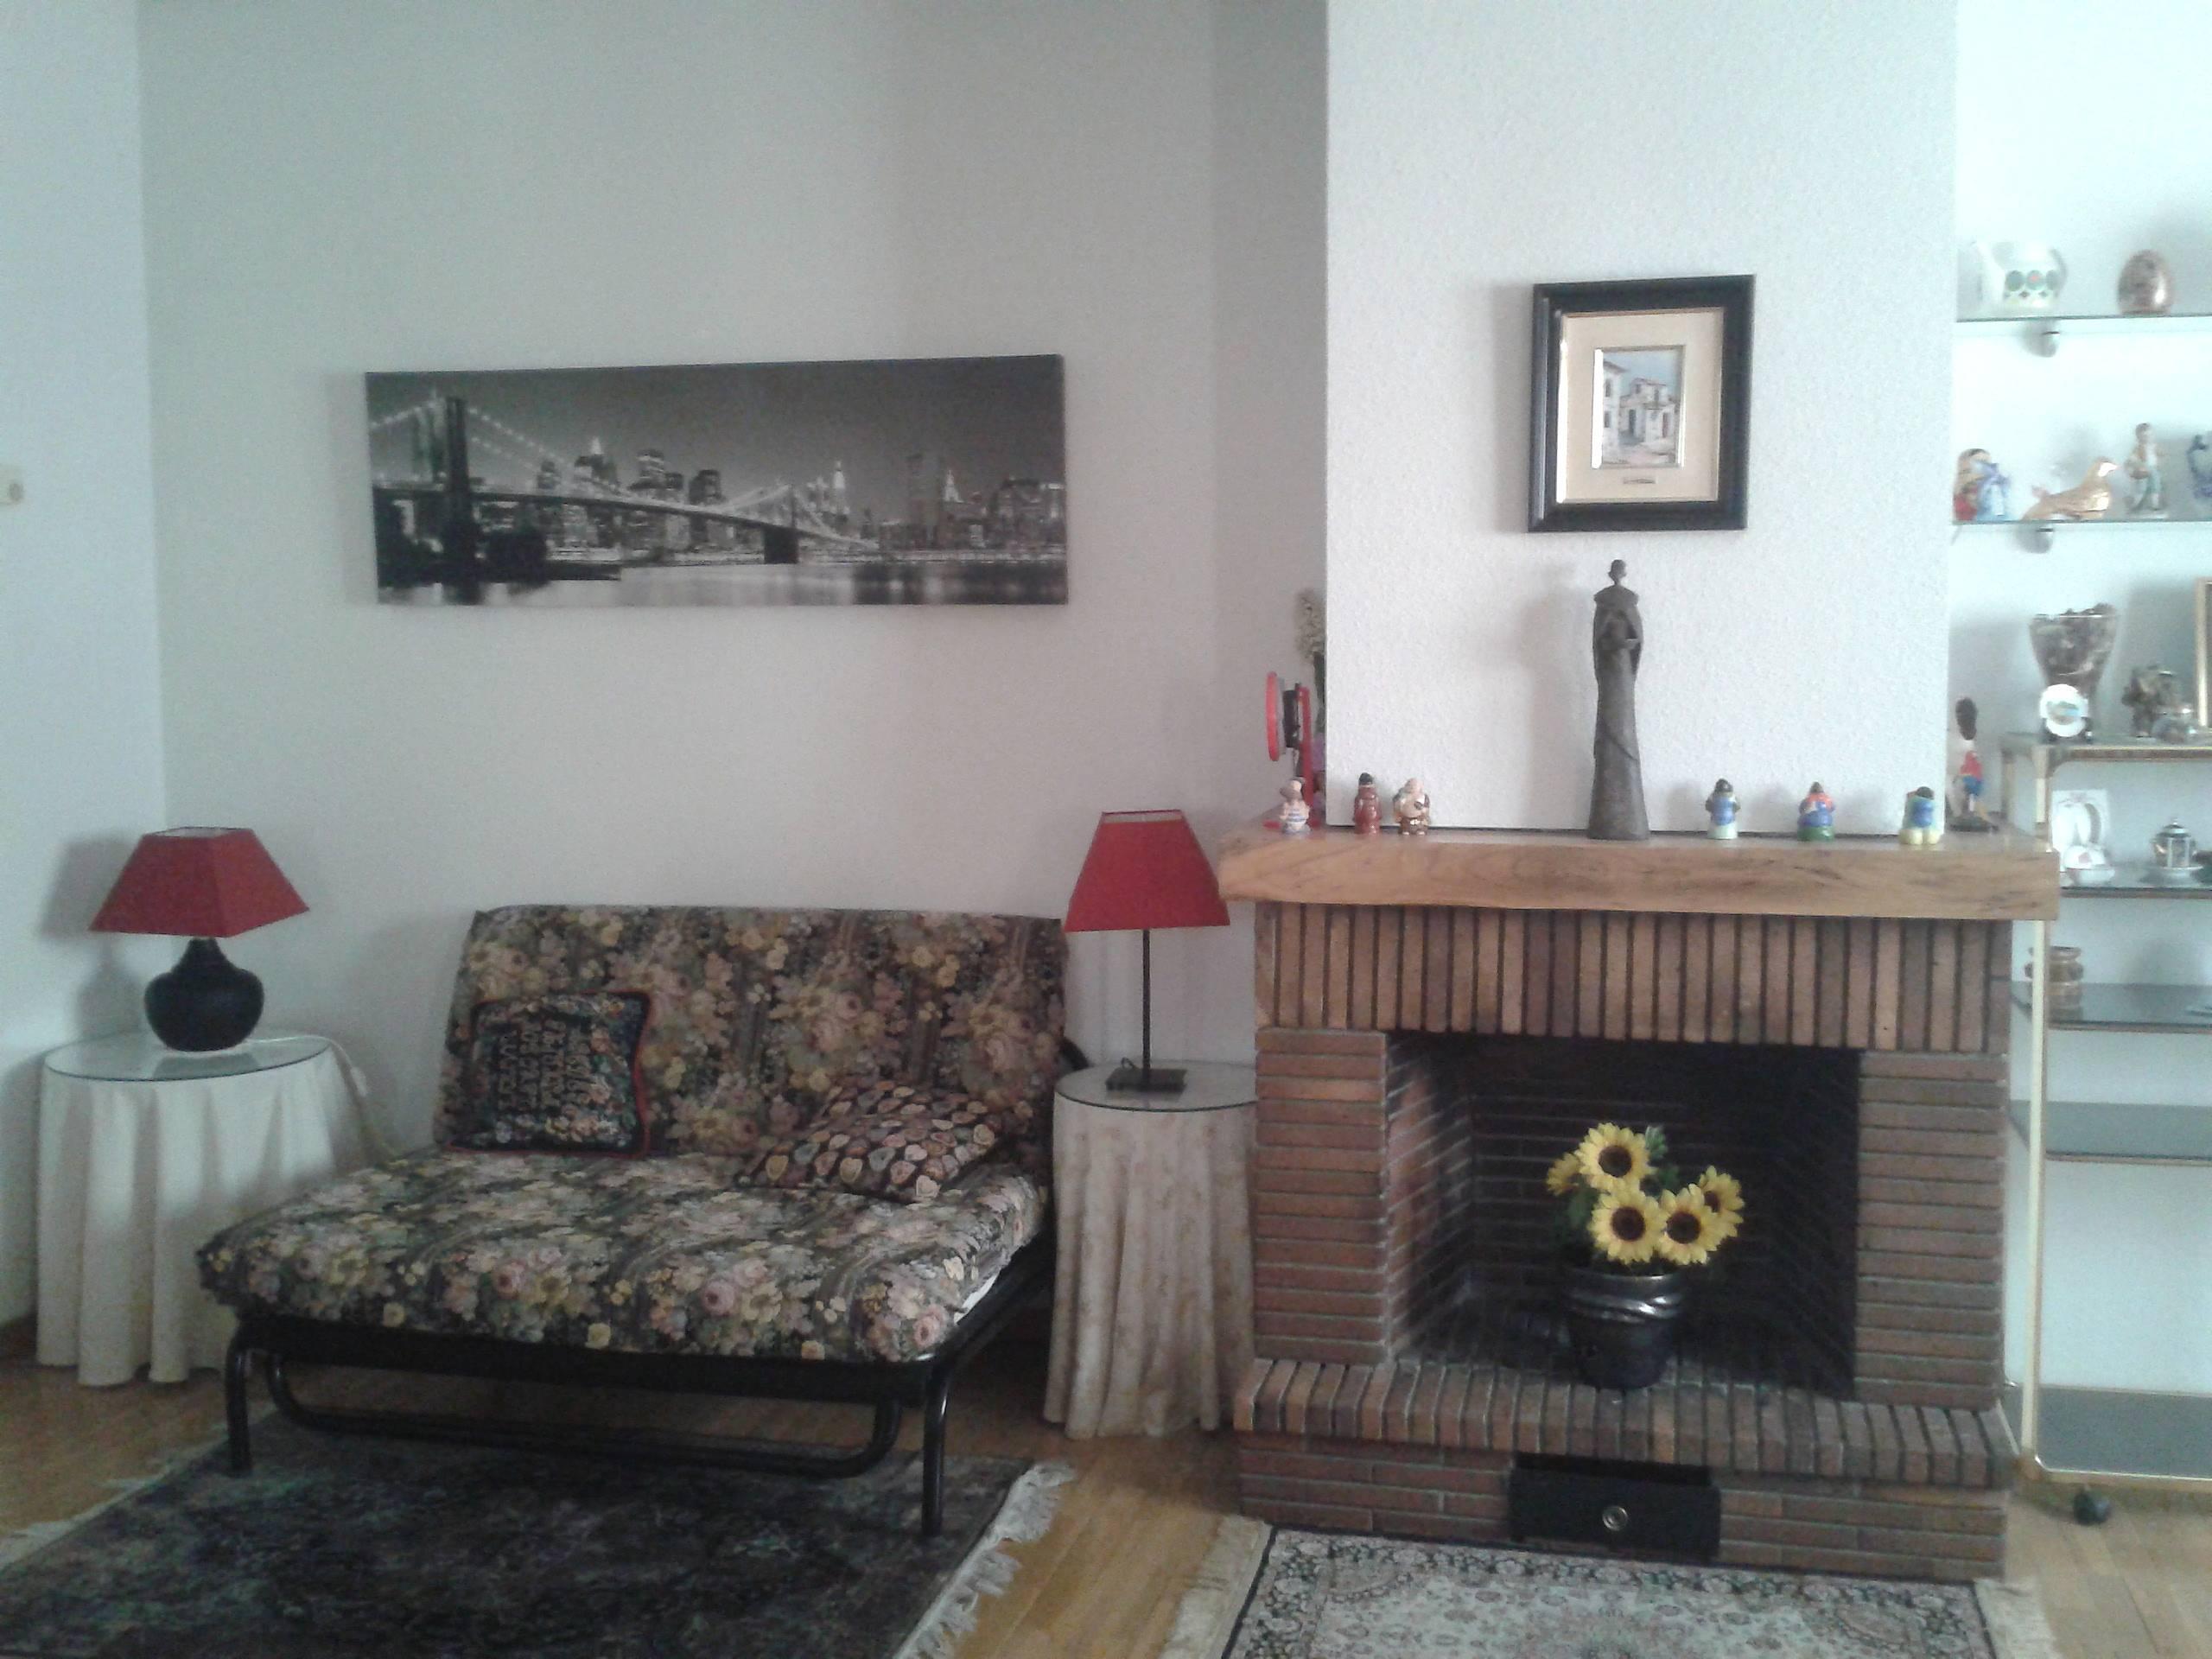 Alquiler vacaciones apartamentos y casas rurales en riaza riaza - Casa rural riaza ...